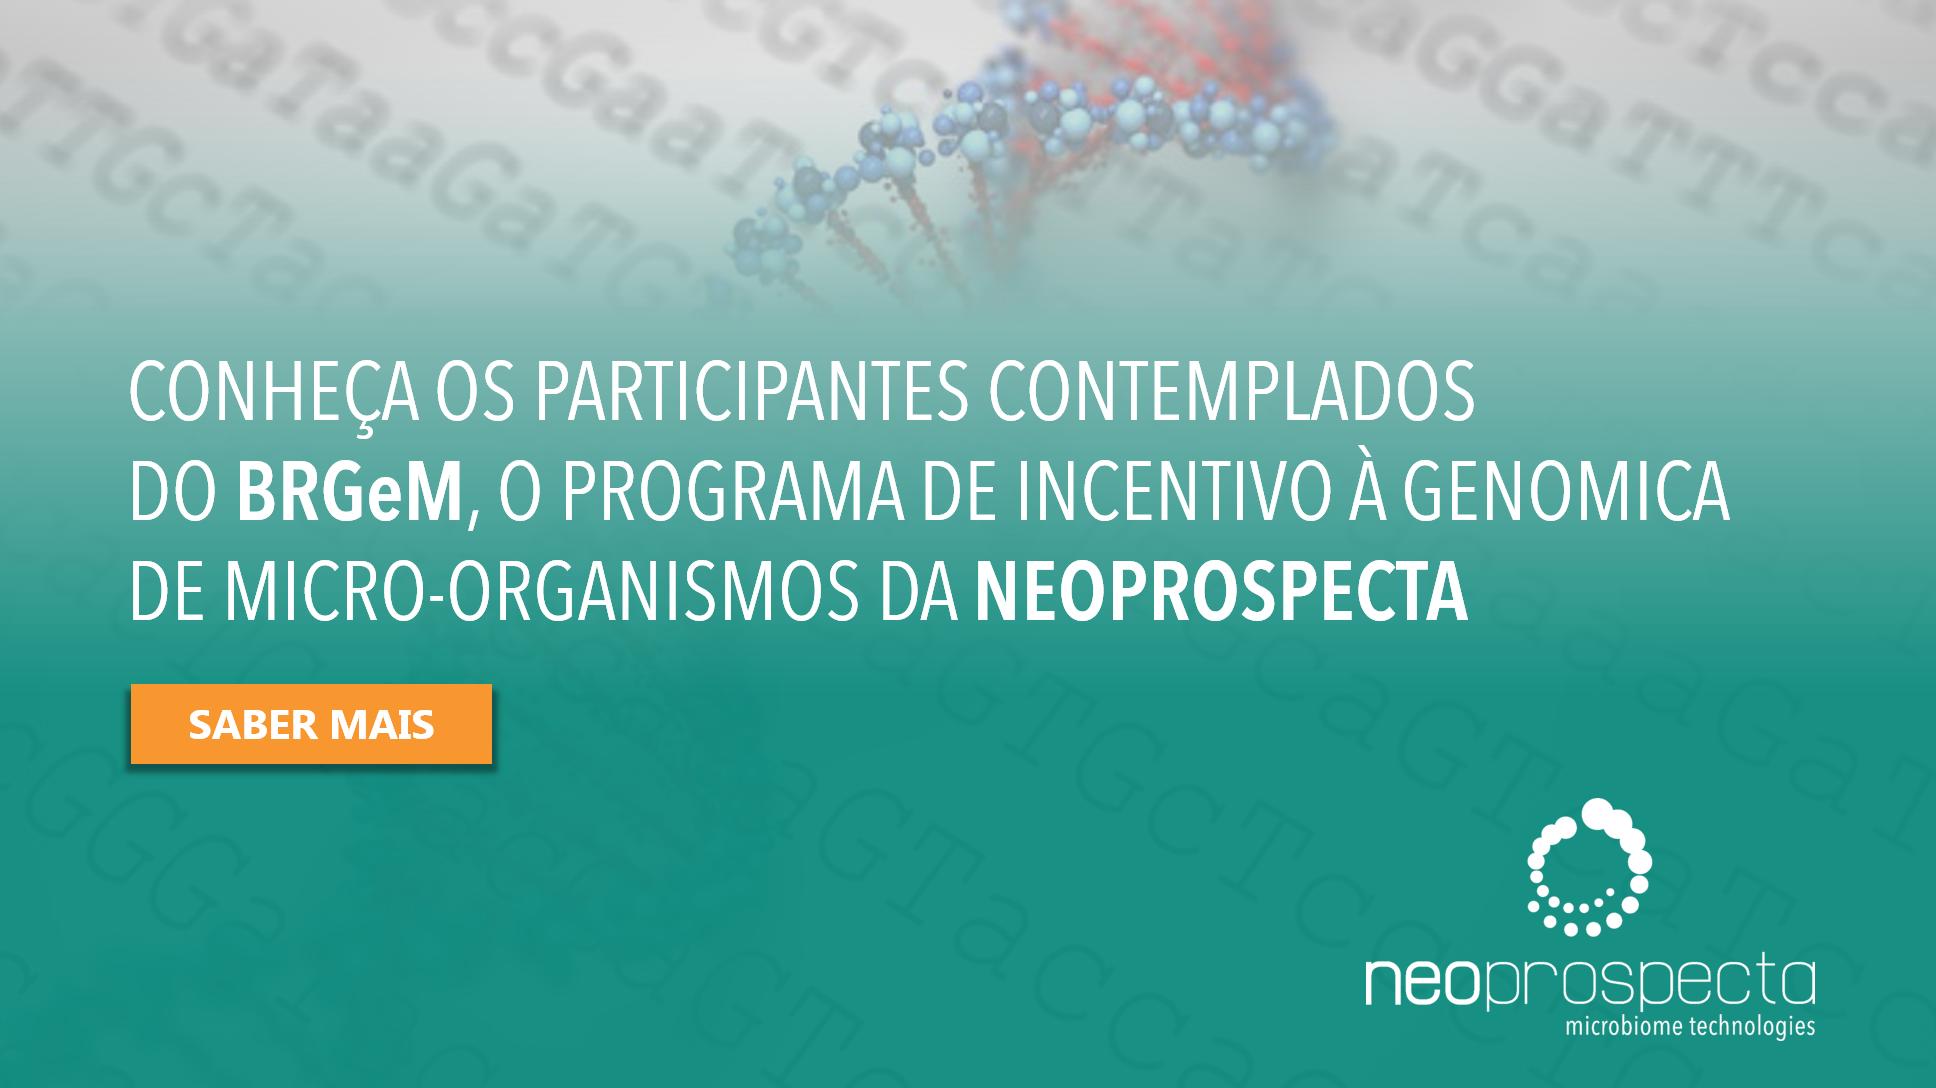 Projetos selecionados no BRGeM – Programa de Incentivo à Genômica de Micro-organismos